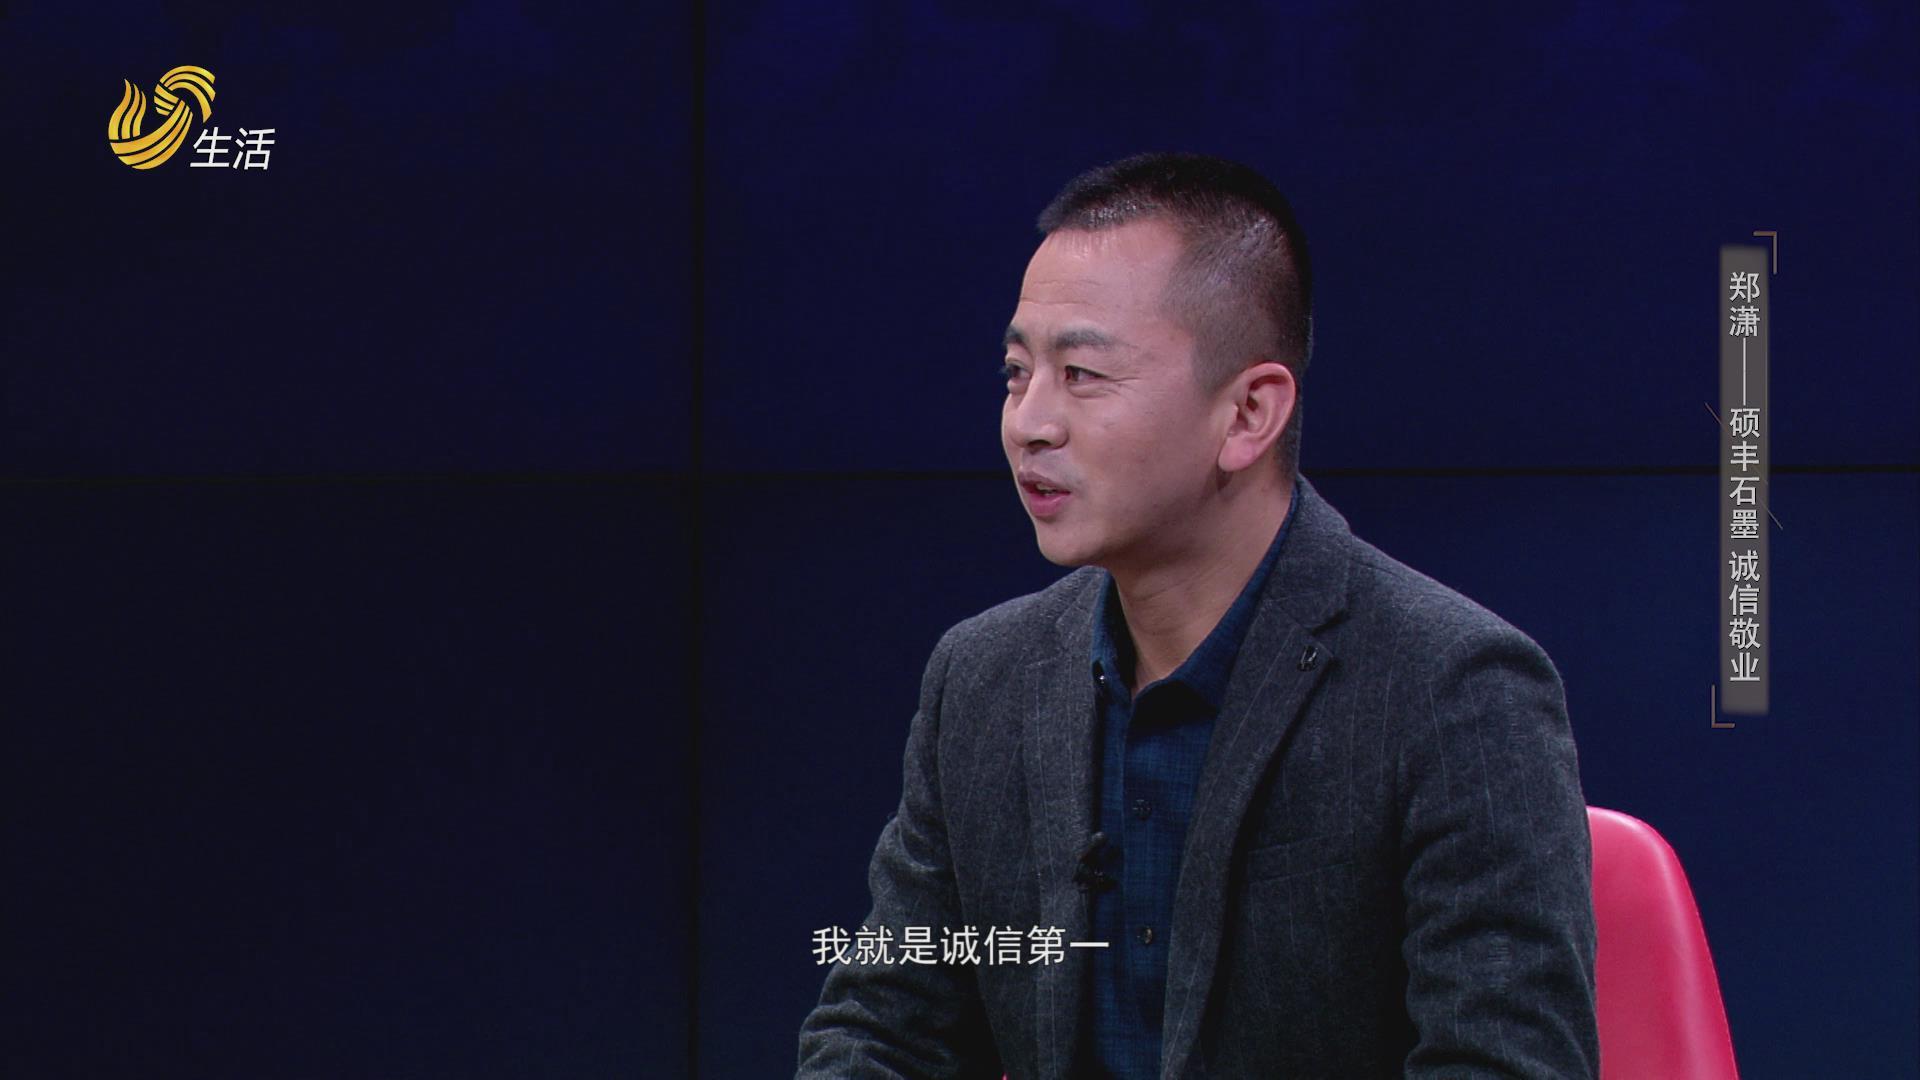 郑潇——硕丰石墨 诚信敬业